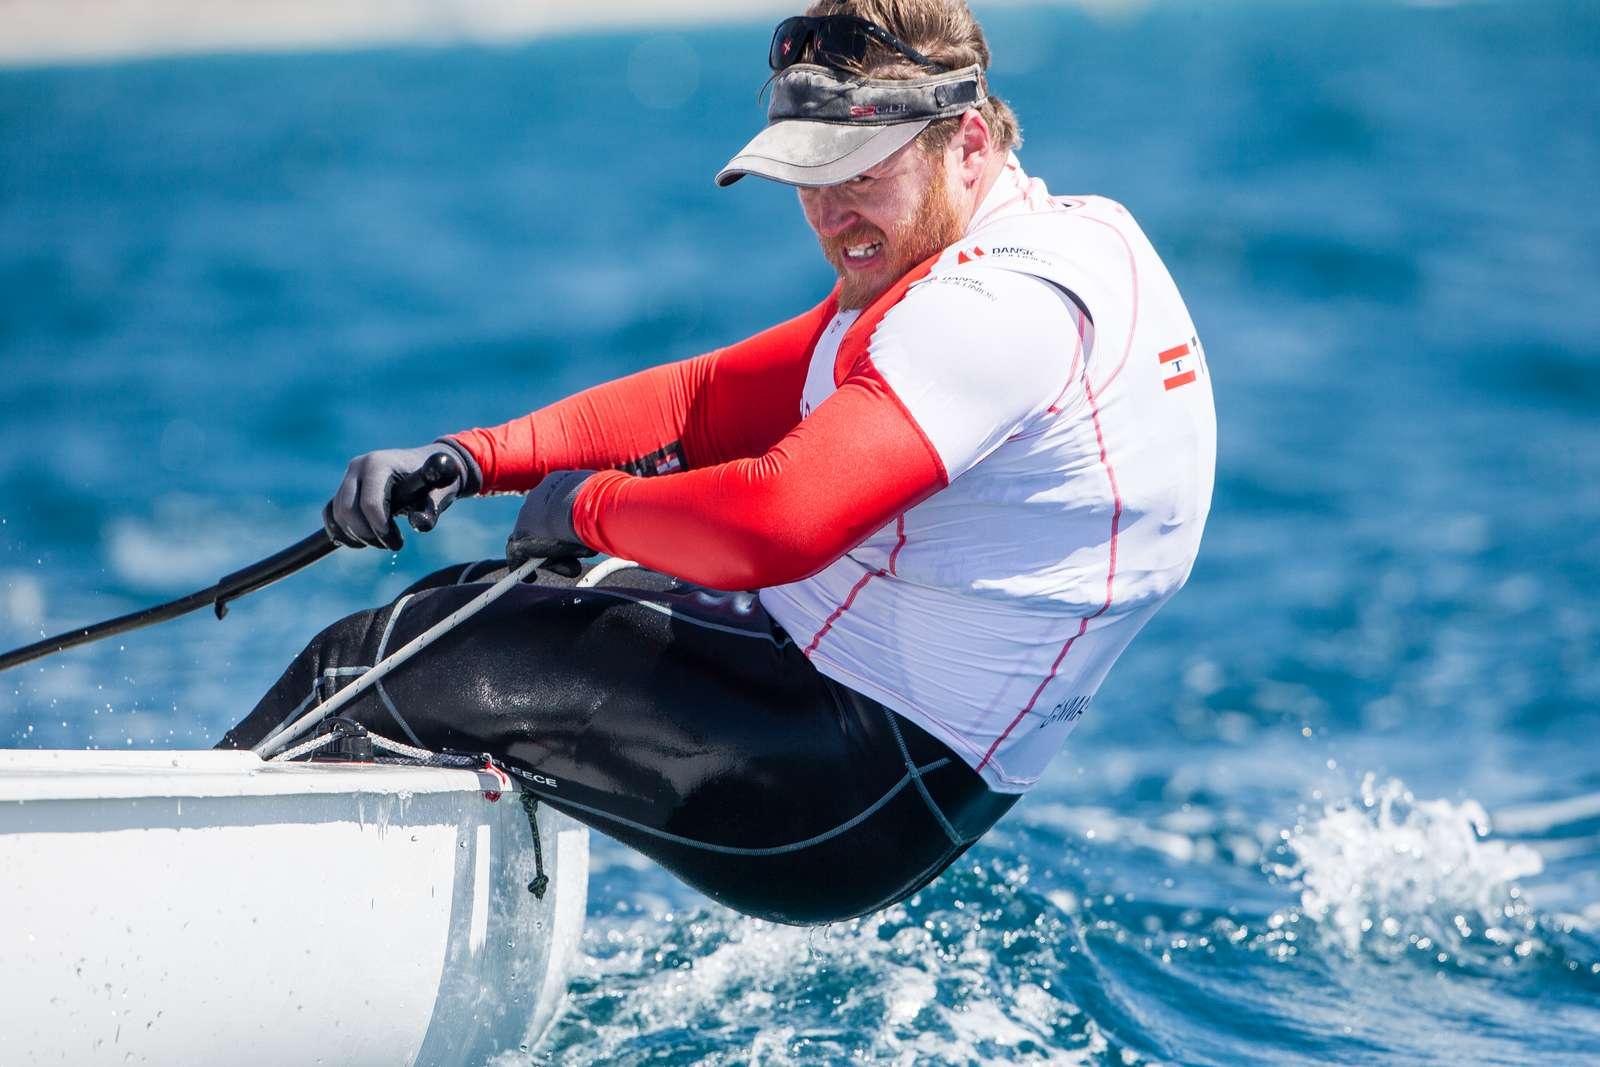 Jonas Høgh fører blandt Finnjollerne i Miami. Foto: Dansk Sejlunion